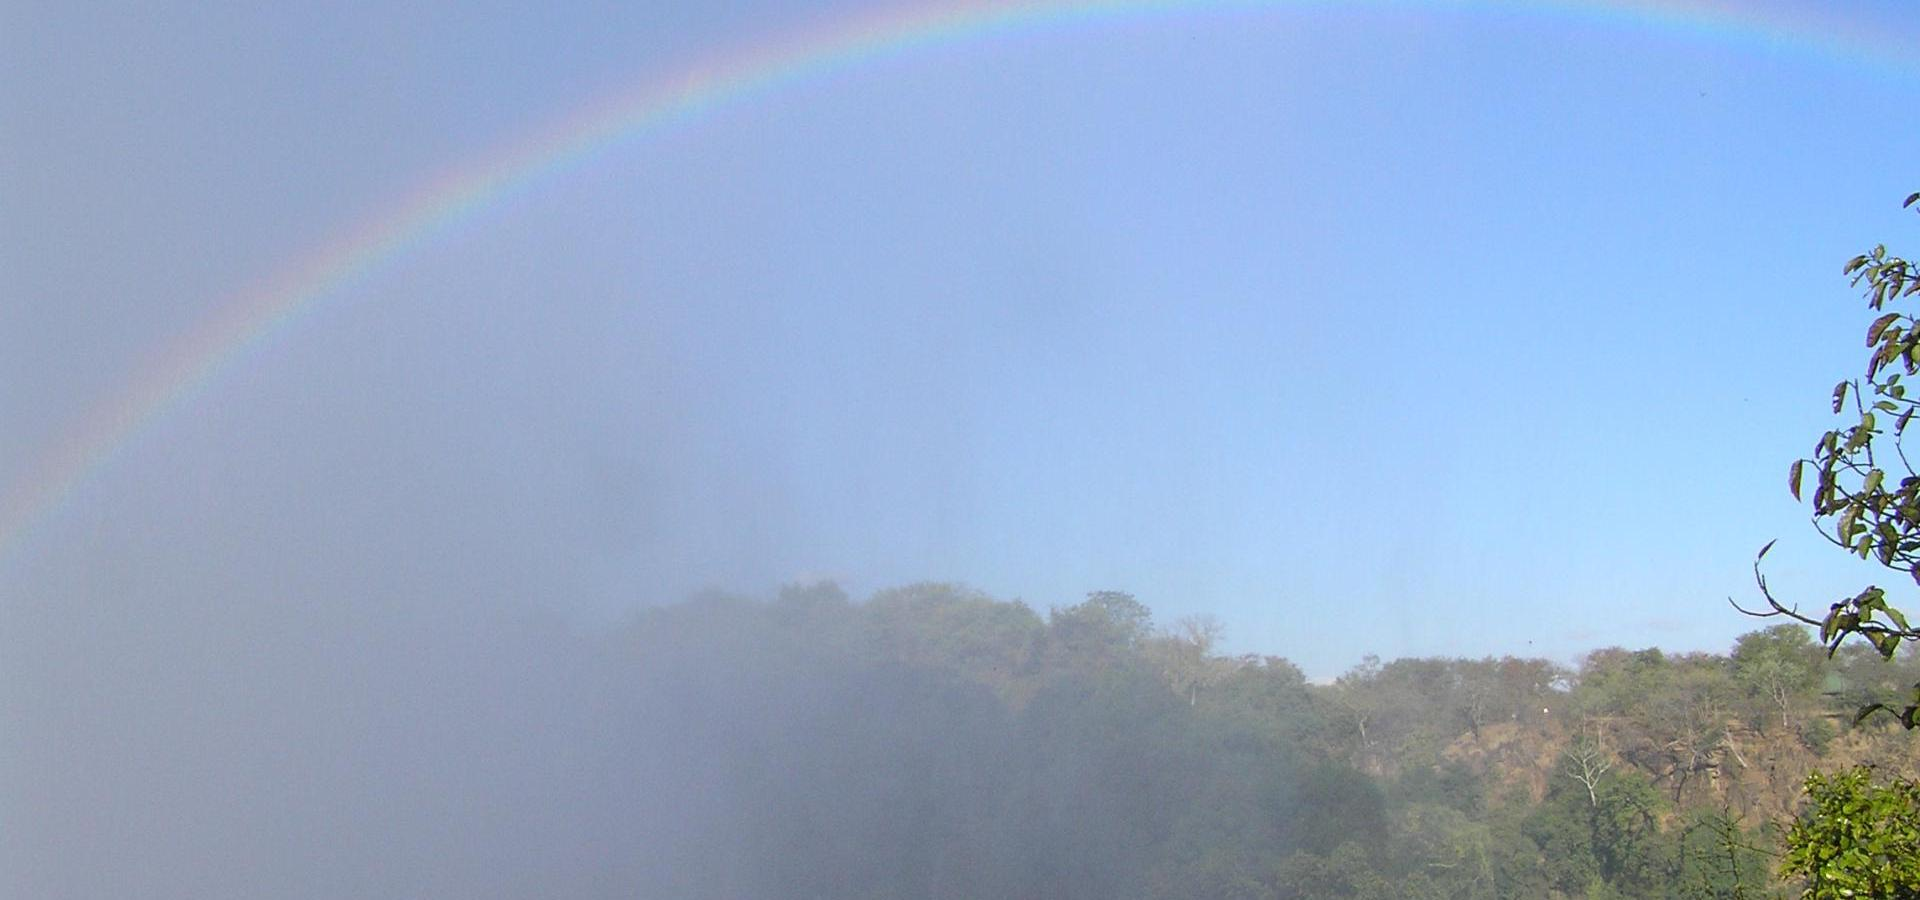 Regenbogen über den Viktoria Fällen - Simbabwe Reisen & Urlaub